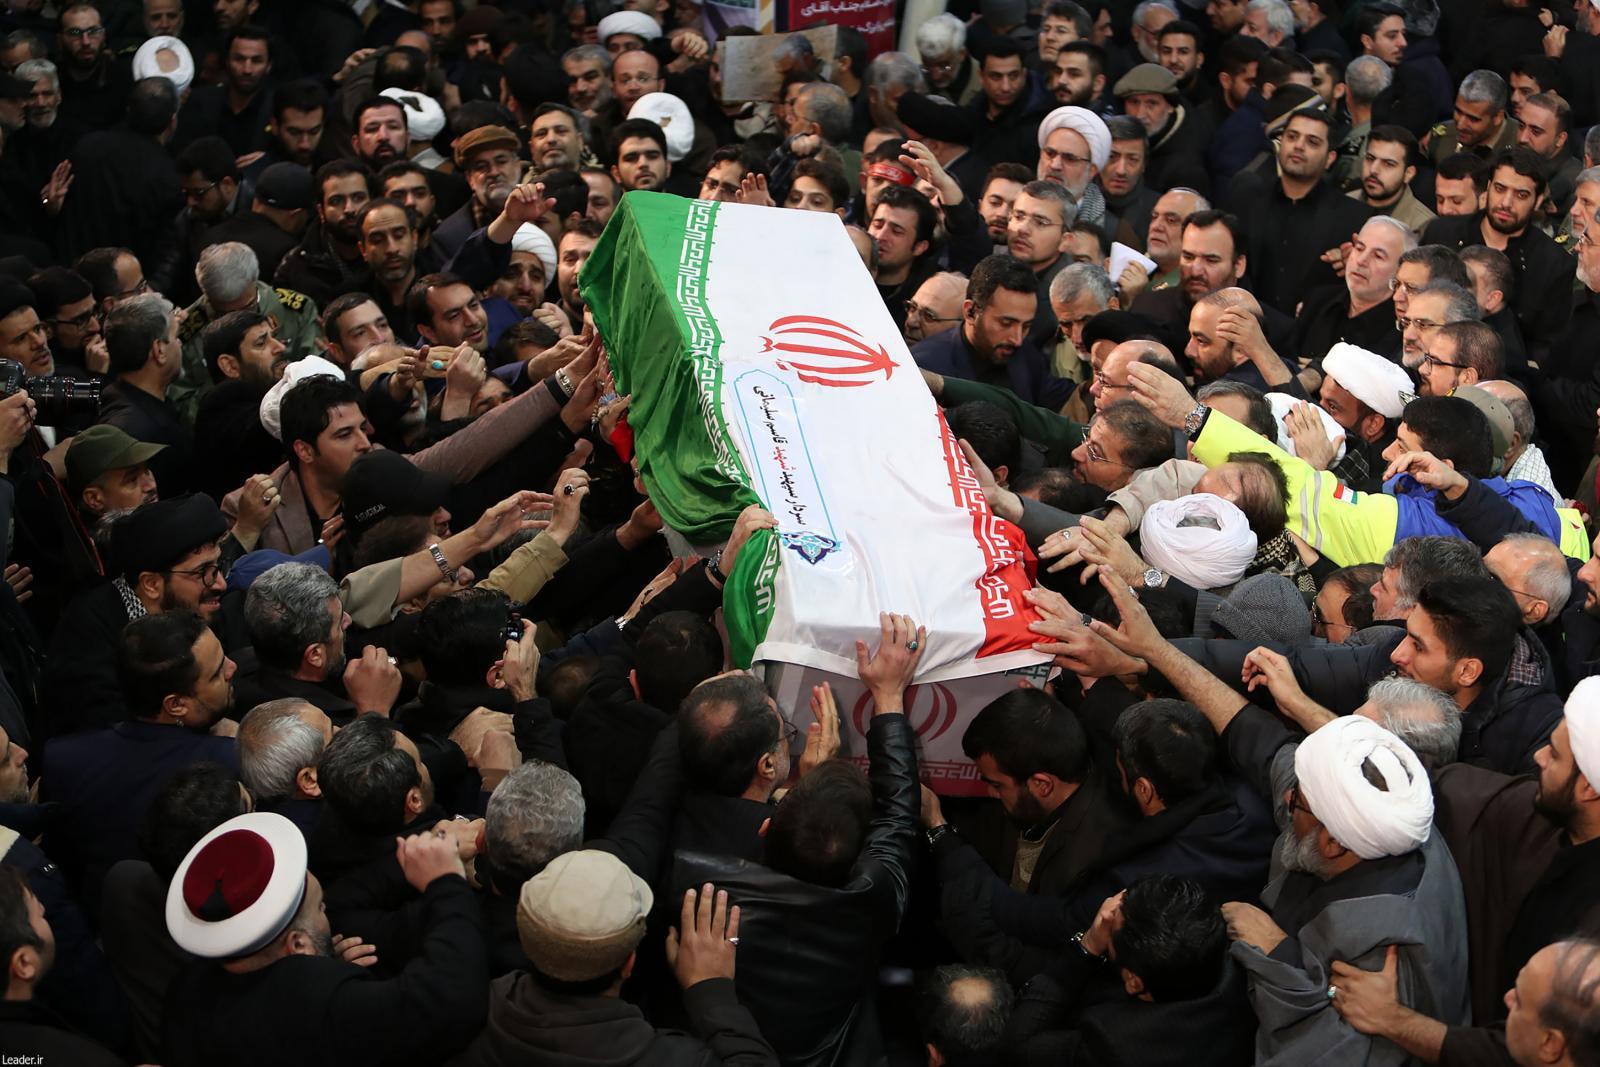 ย้อนไทม์ไลน์จุดแตกหัก 'อิหร่าน-สหรัฐ'